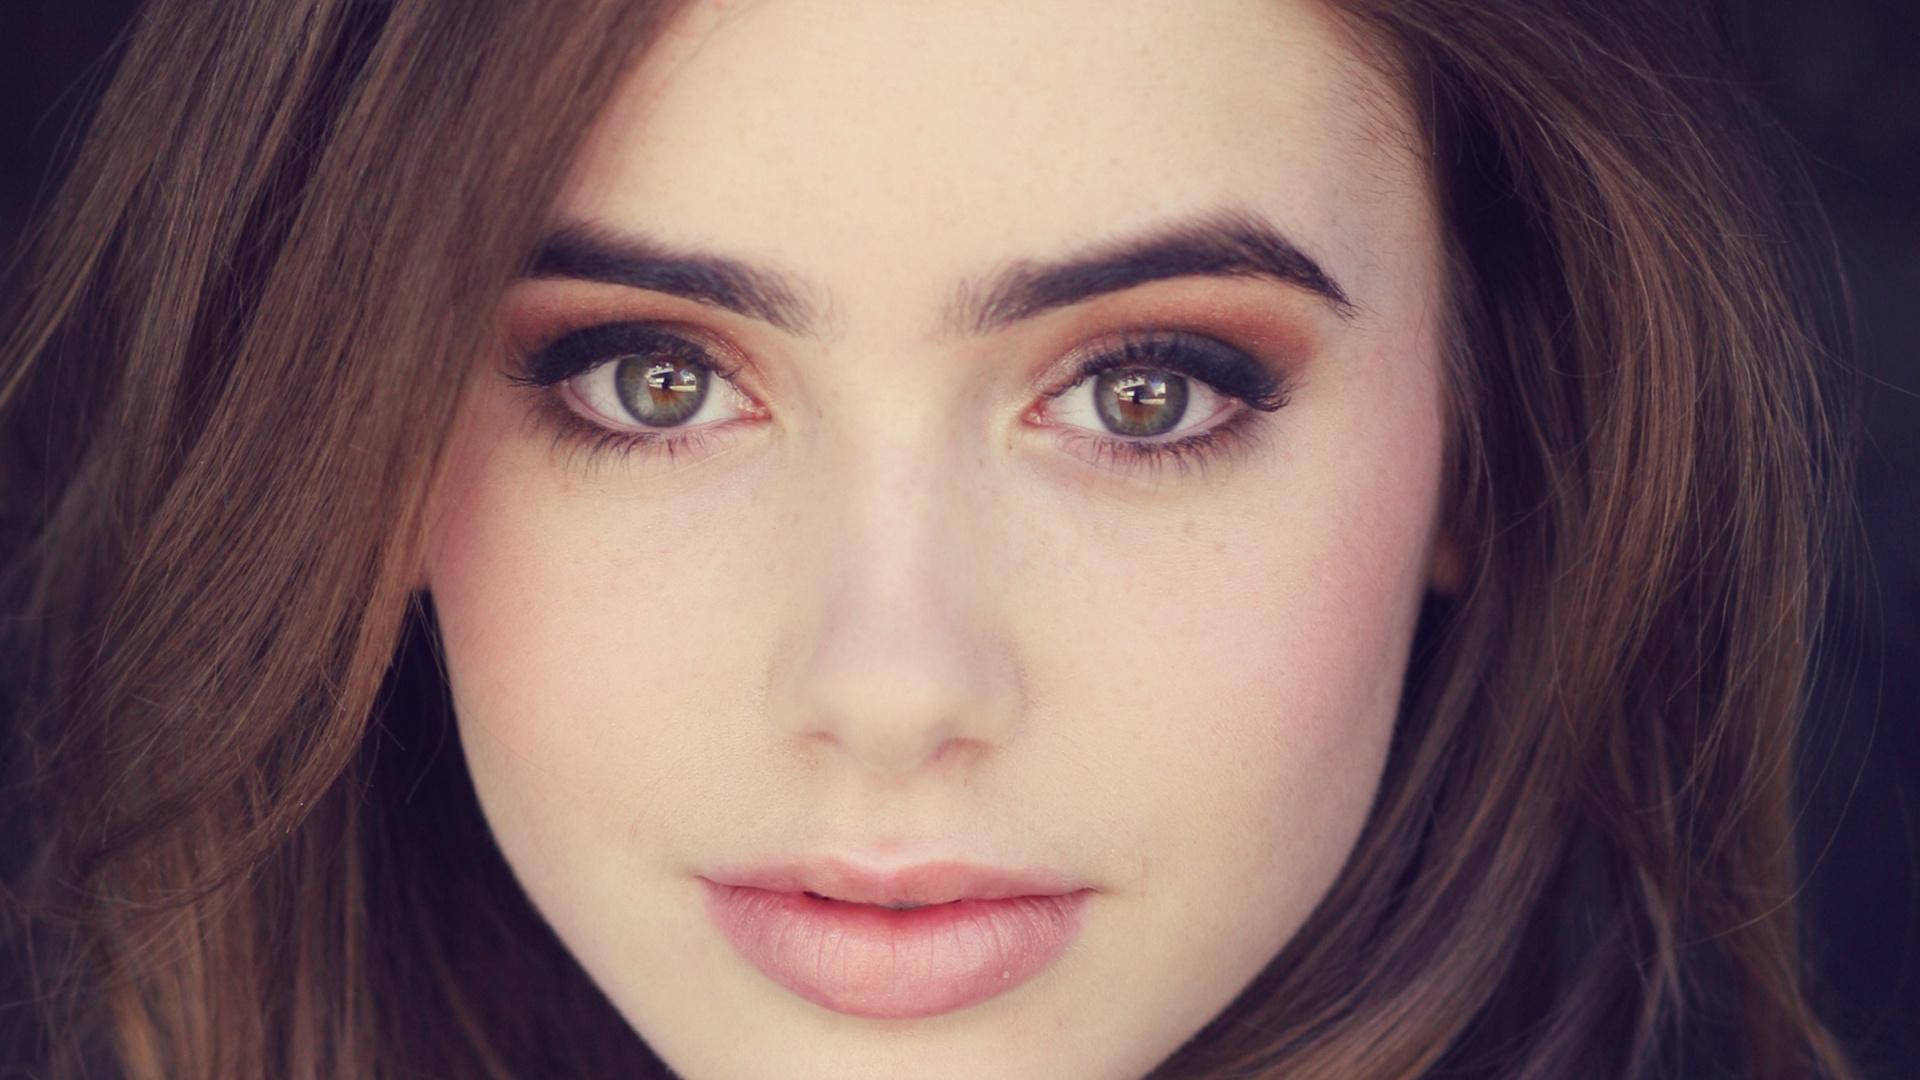 фотографии красивых глаз у девушек